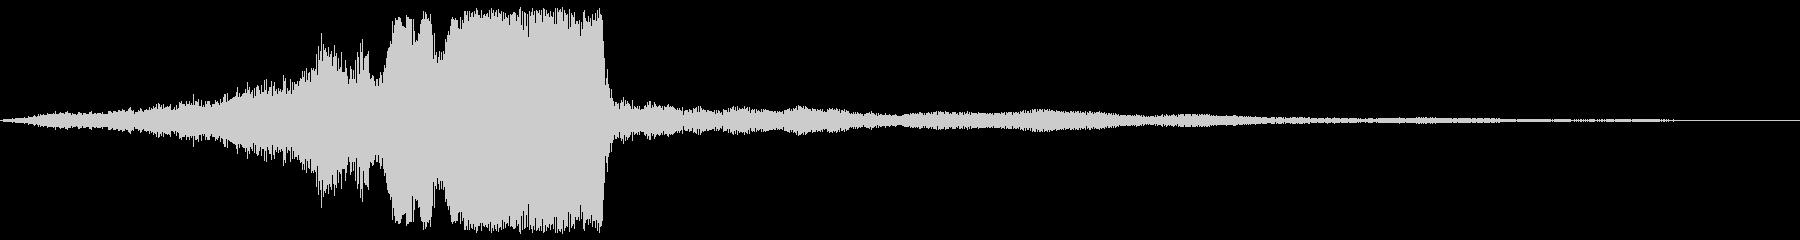 【タイトル】映像美に合うダークサウンド3の未再生の波形